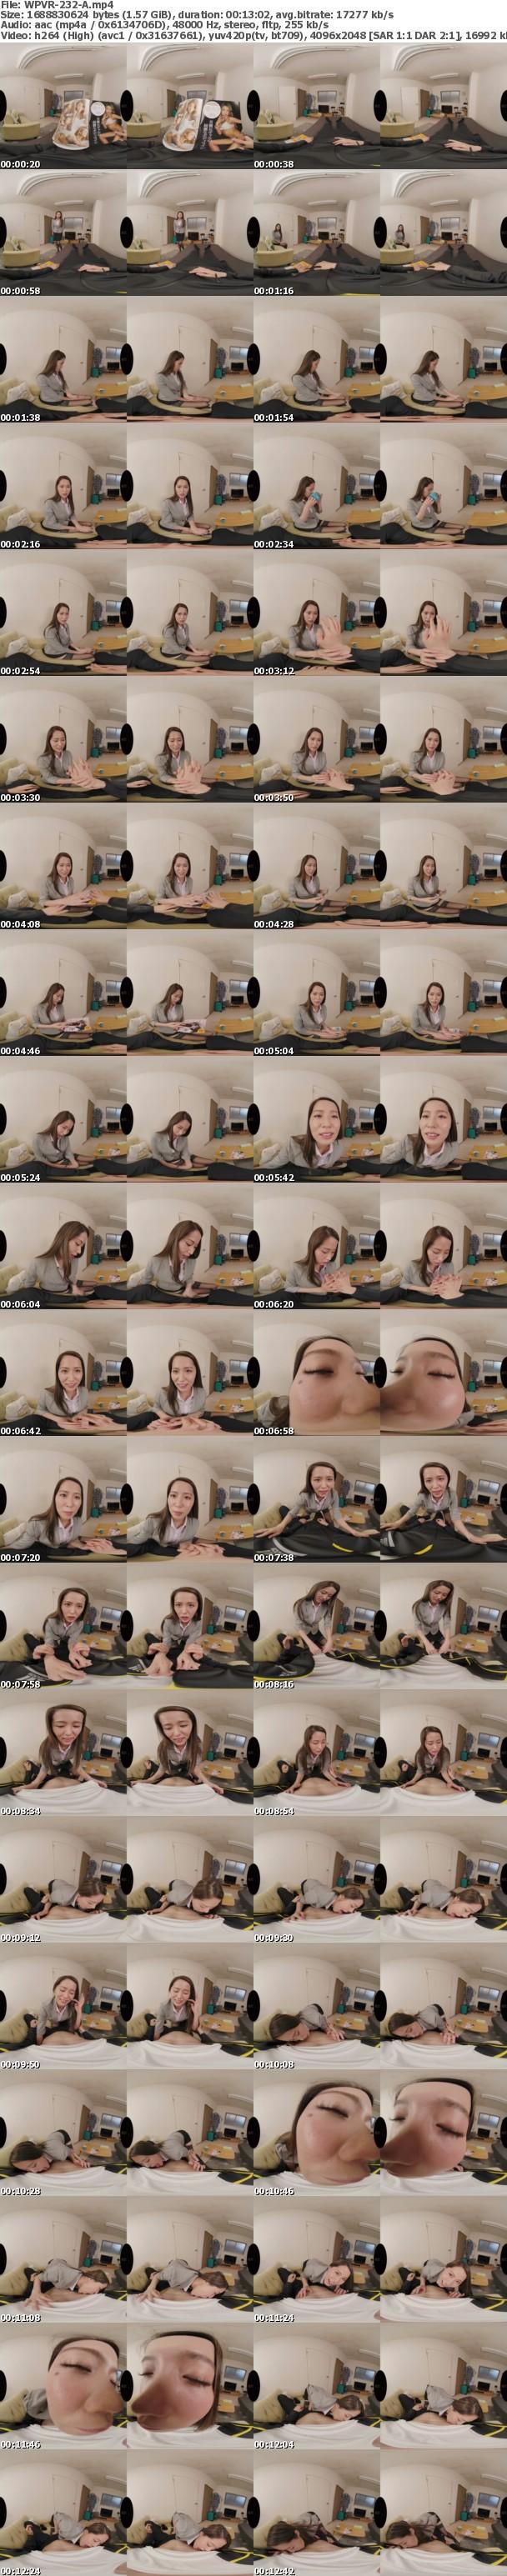 (VR) WPVR-232 『君の女の子みたいな可愛い声、ご両親にも聞かせてあげたいなぁ』保護者が在宅中なのに教え子に跨り筆下ろす誘惑女教師の馬乗り家庭訪問 通野未帆